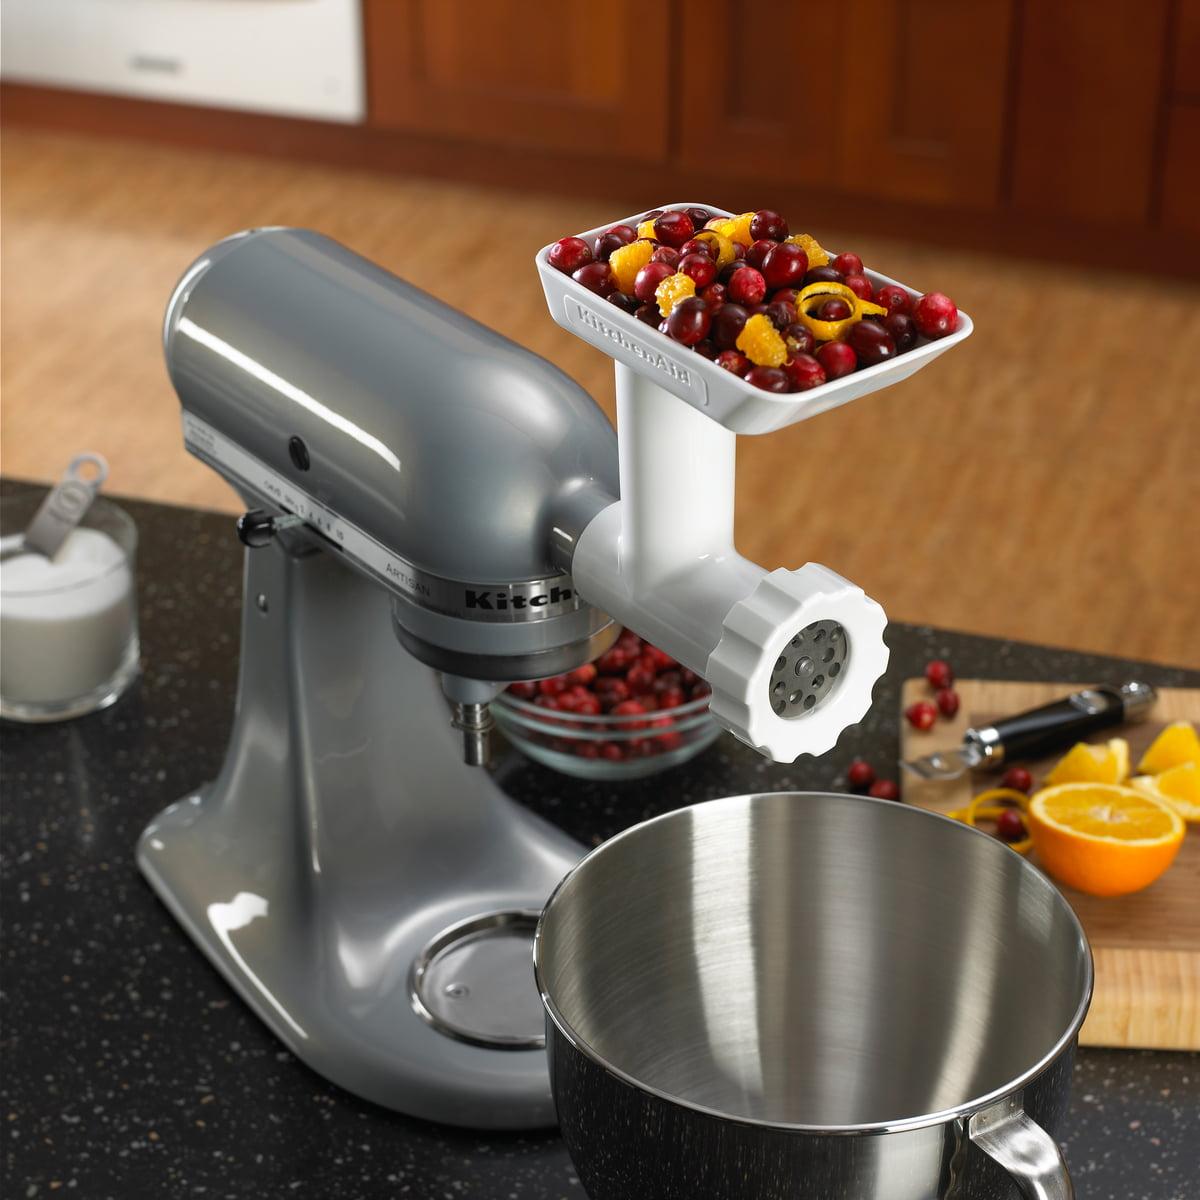 KitchenAid - Artisan Küchenmaschine 4.8 l  liebesapfelrot   Küche und Esszimmer > Küchengeräte > Rührgeräte und Mixer   Kitchen Aid